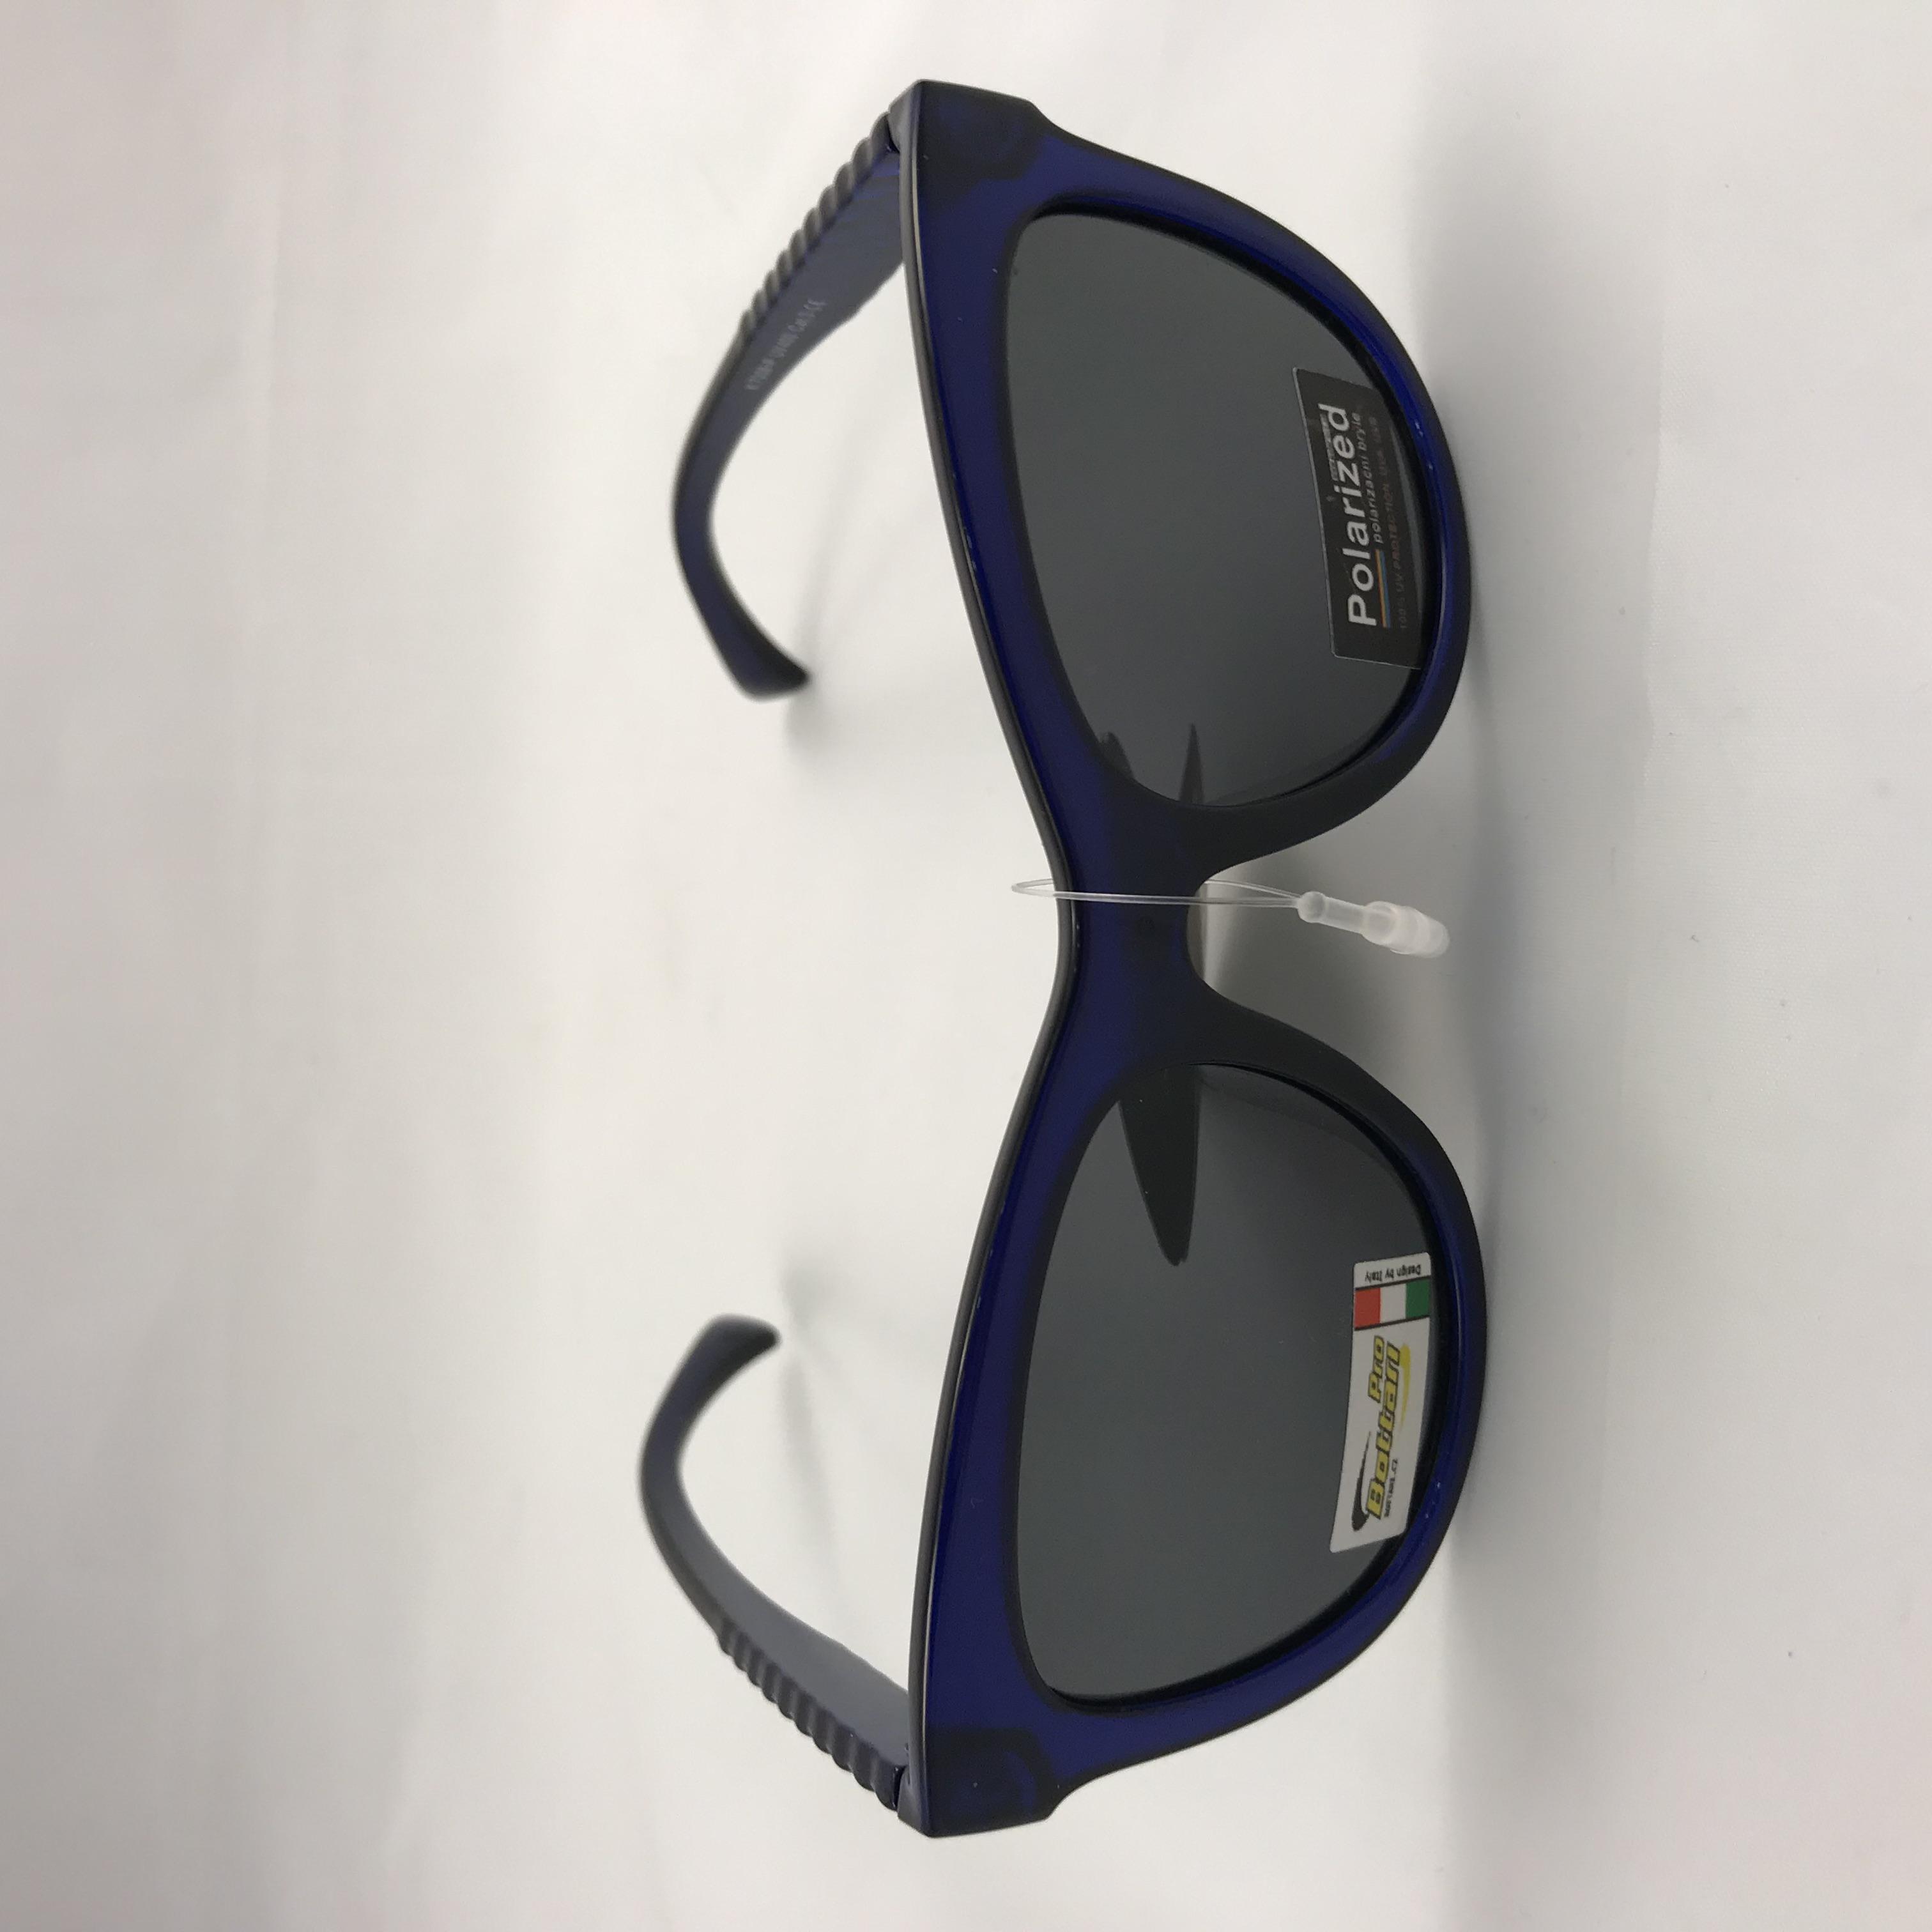 Polarized Brýle polarizační plastové fialovo-černé K7308-Pf